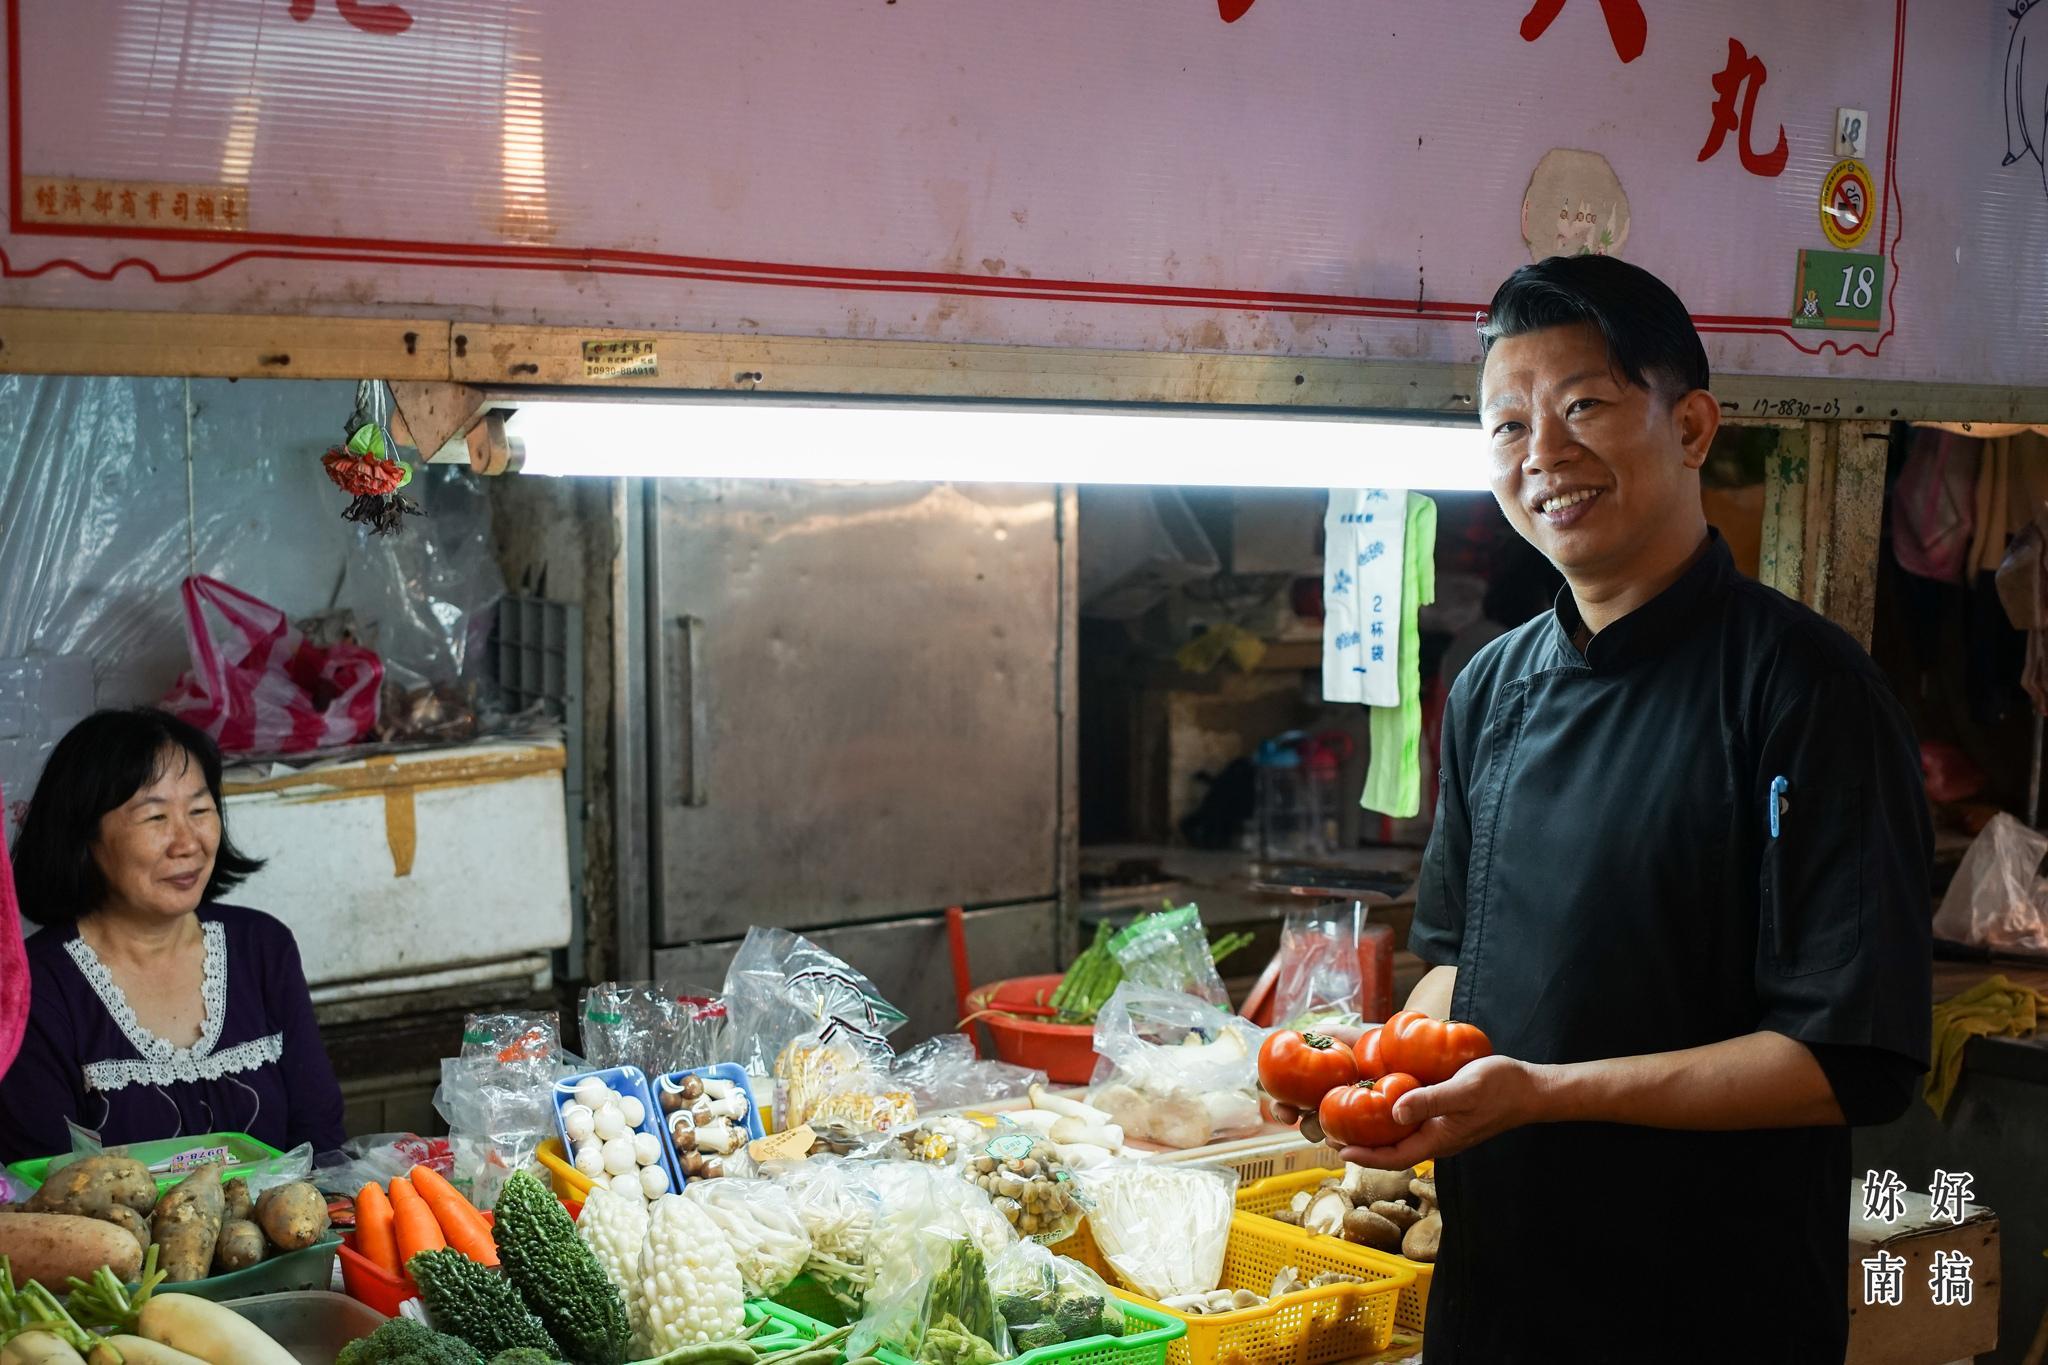 台南旅遊-主廚的菜籃子-06-妳好南搞